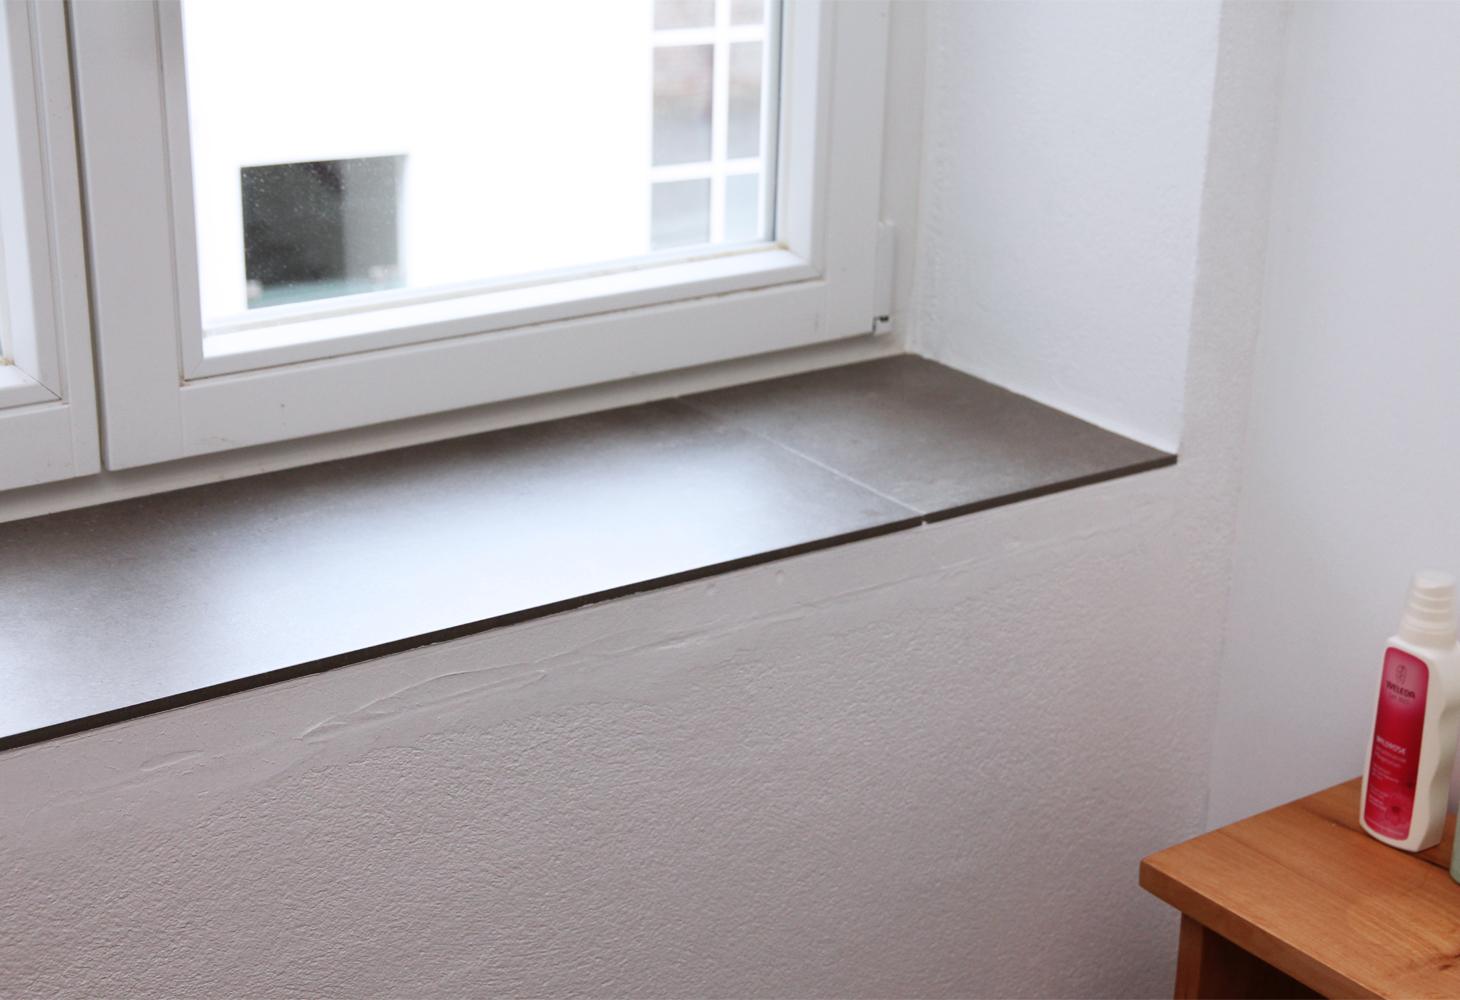 Fensterbank aus Feinsteinzeug.